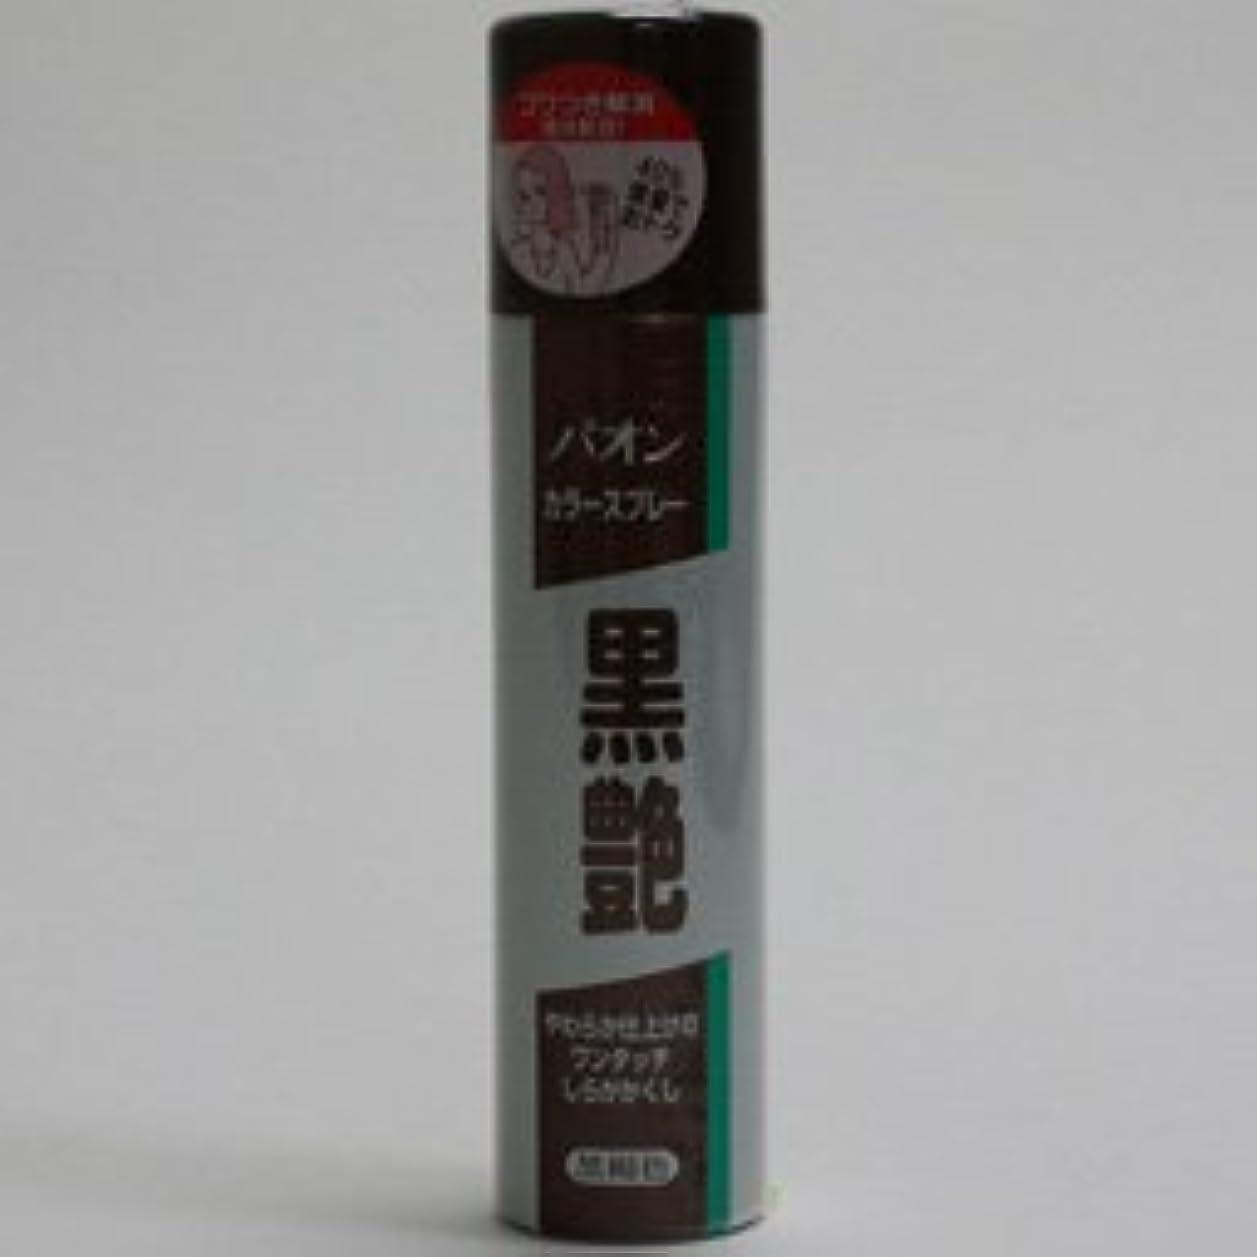 シュワルツコフヘンケル(カブ)パオンカラースプレー黒艶黒褐色60g(RC:1000611667)